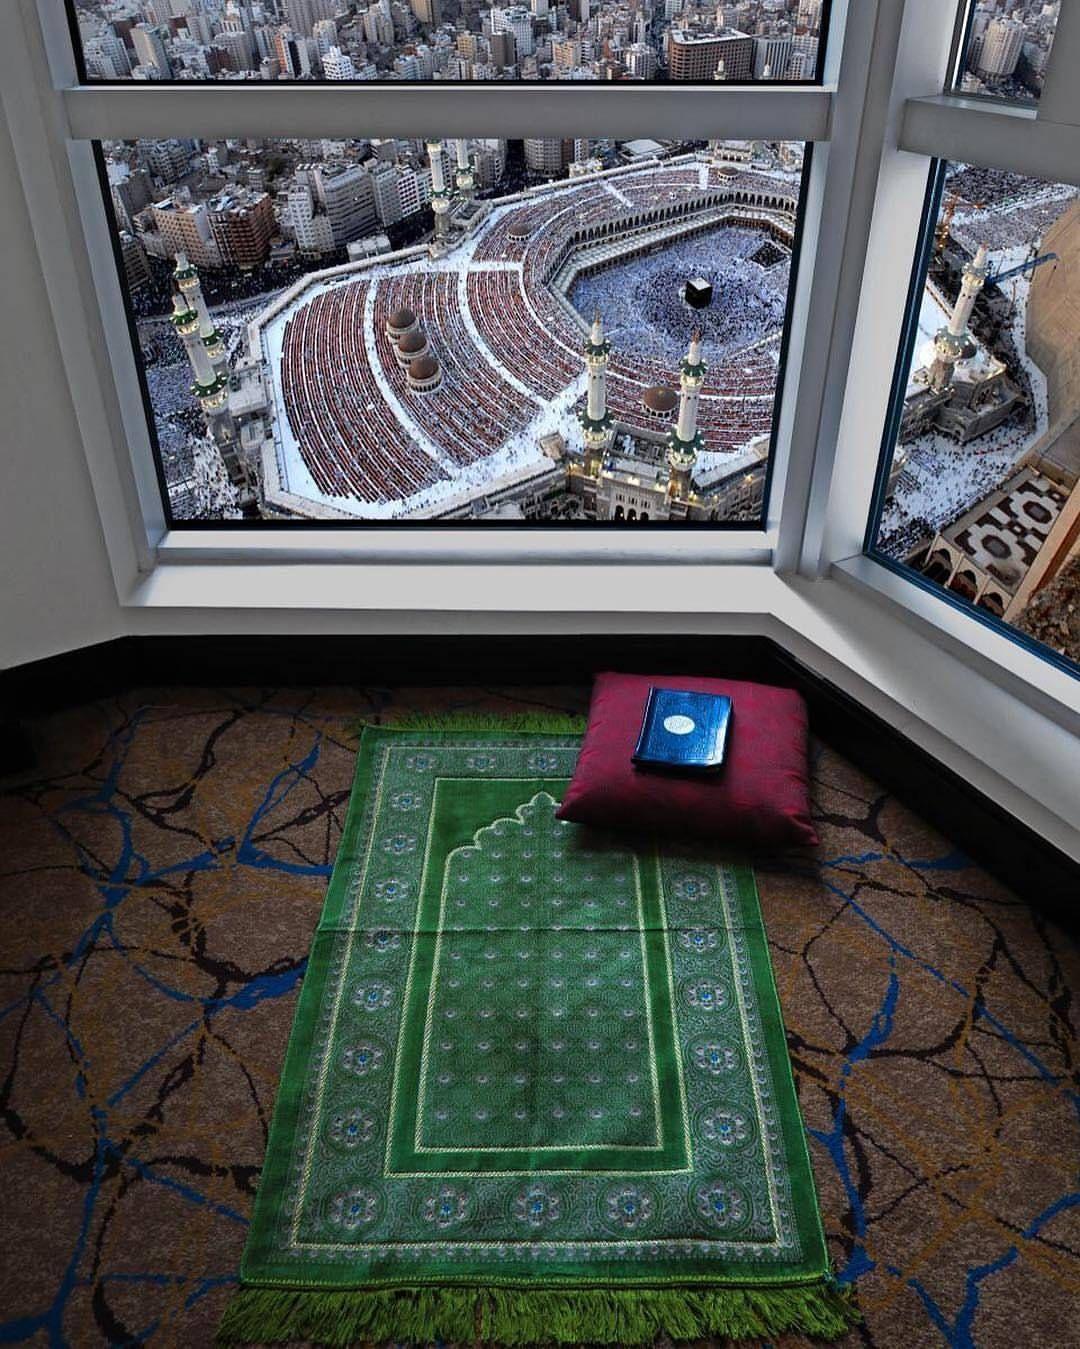 حى على الصلاة مـن اعظـم اسباب الخشوع في الصلاة خشية الله تعالى خارج الصلاة في معاملة الخلق بالصدق والامانة Islam Muslim Prayer Room Ideas Mecca Islam